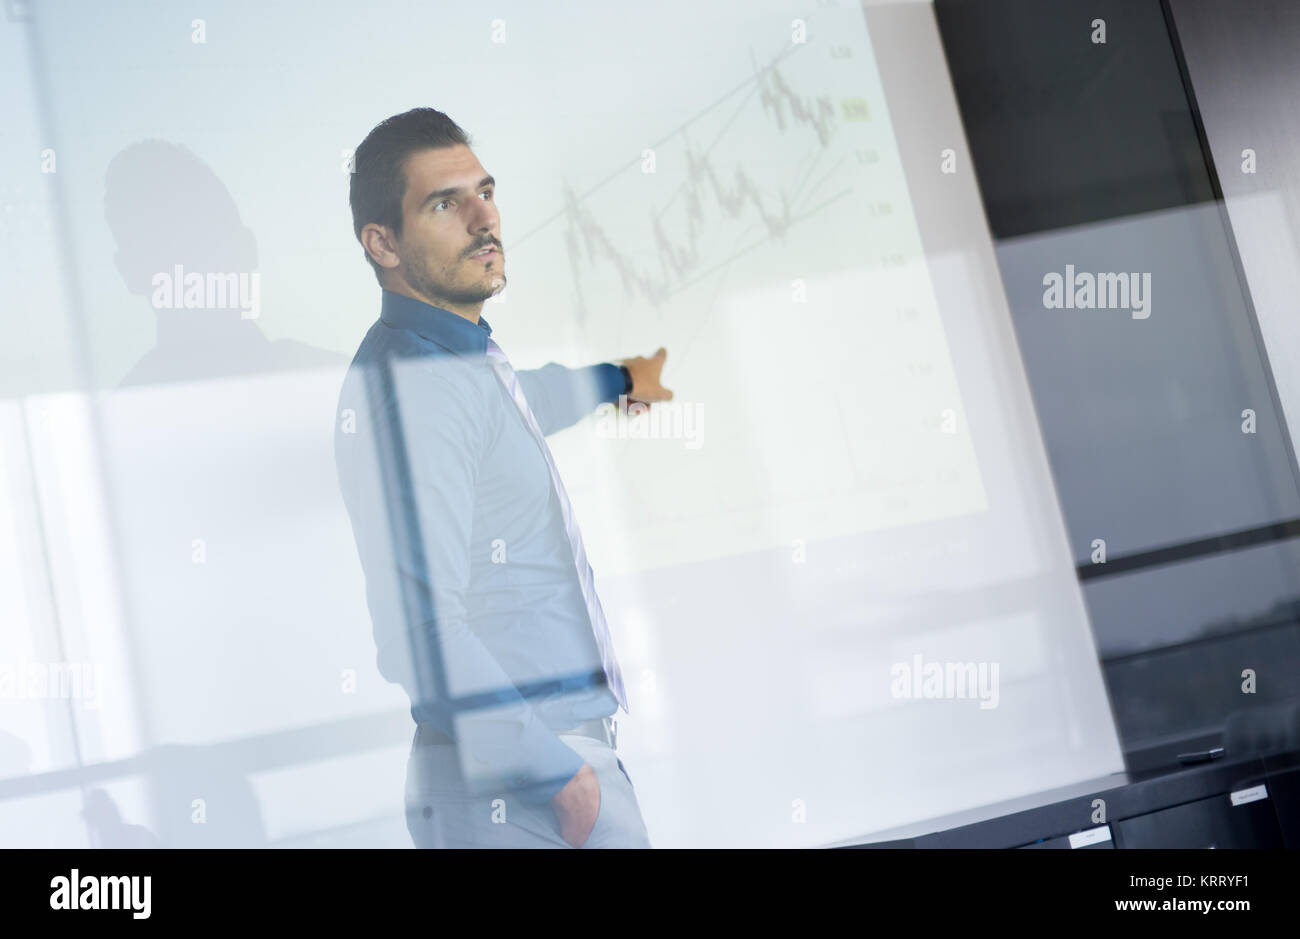 Presentazione aziendale sulla riunione aziendale. Immagini Stock